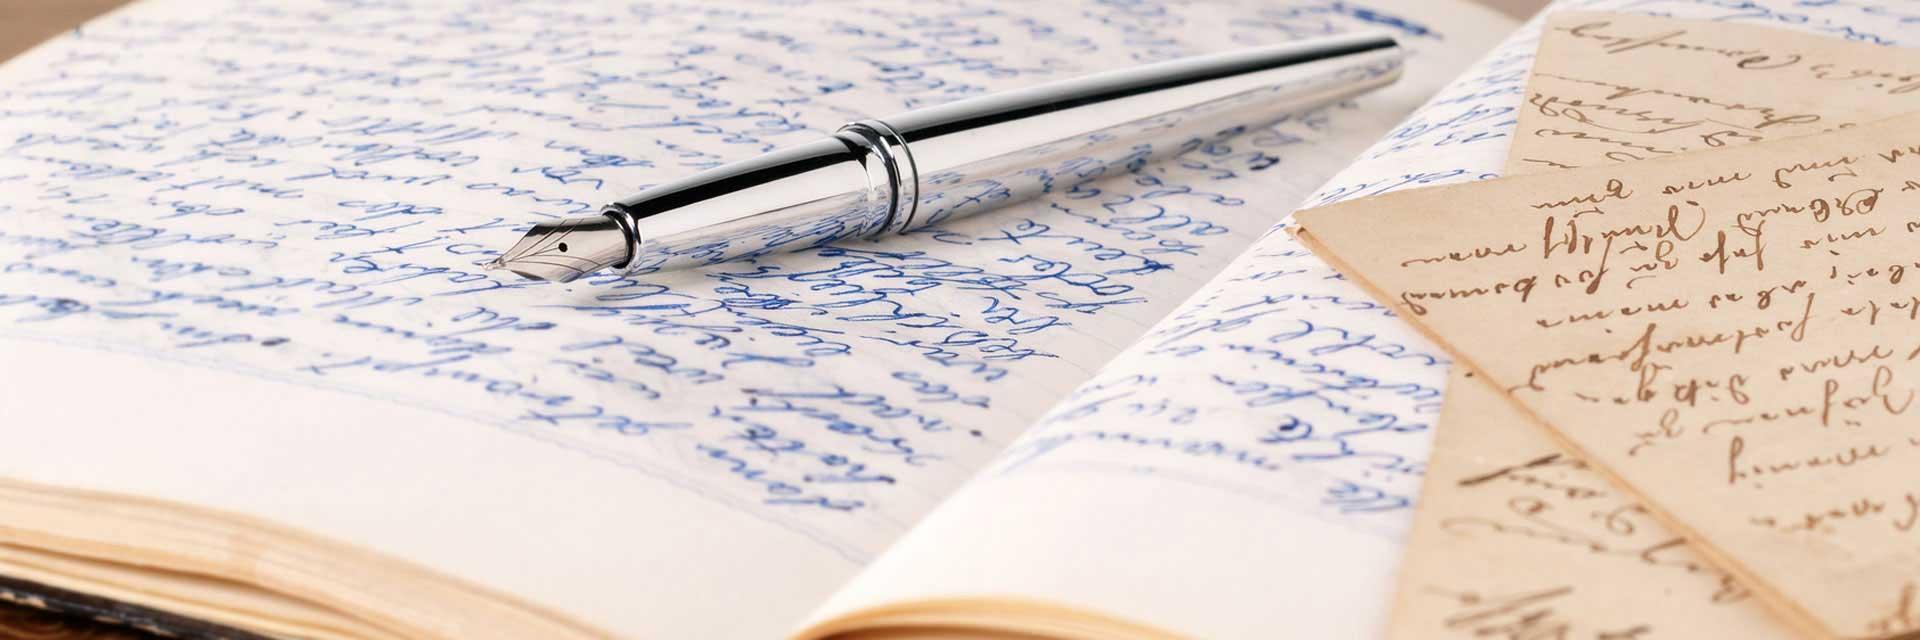 Schreiben in Antwort